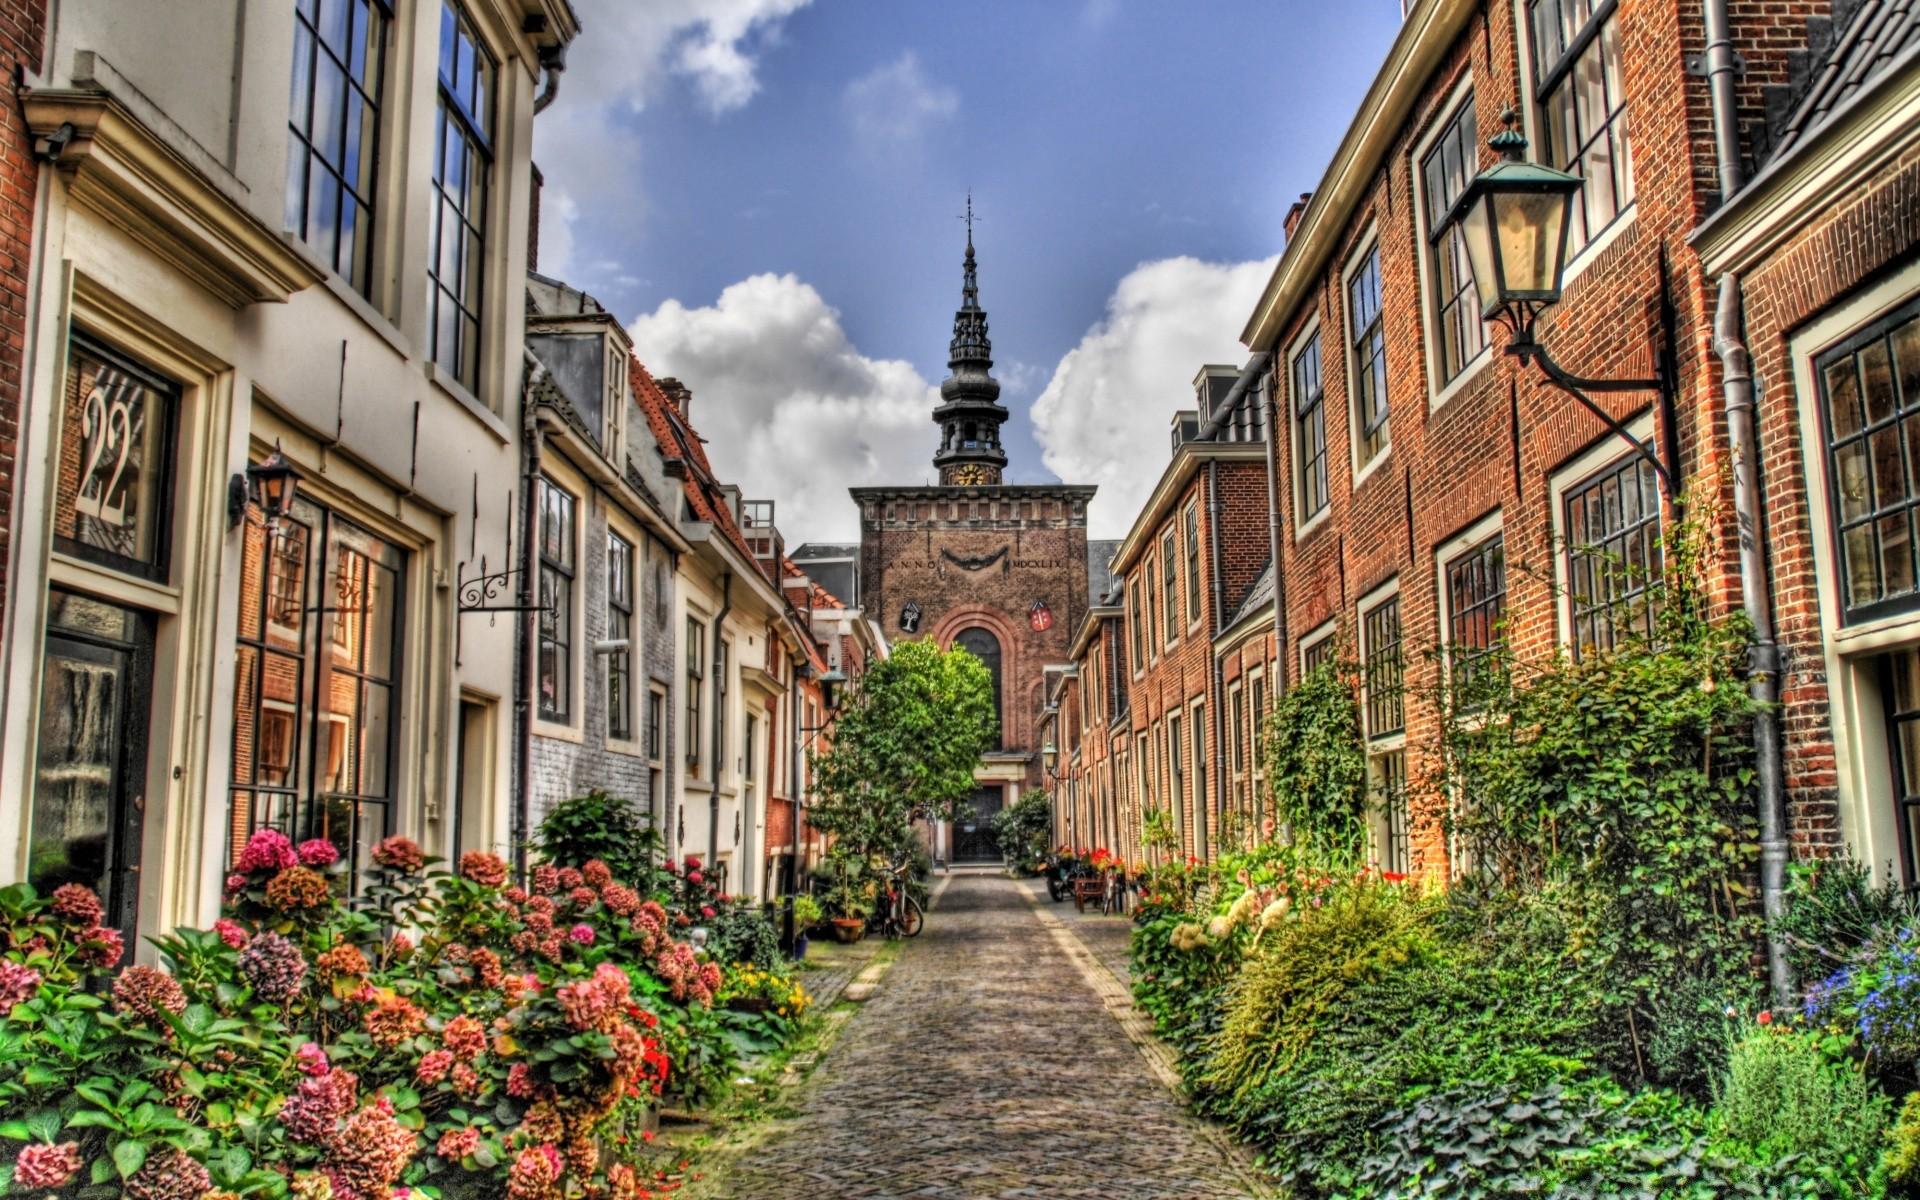 самом фото красивых улиц городах европы ноги ведут там